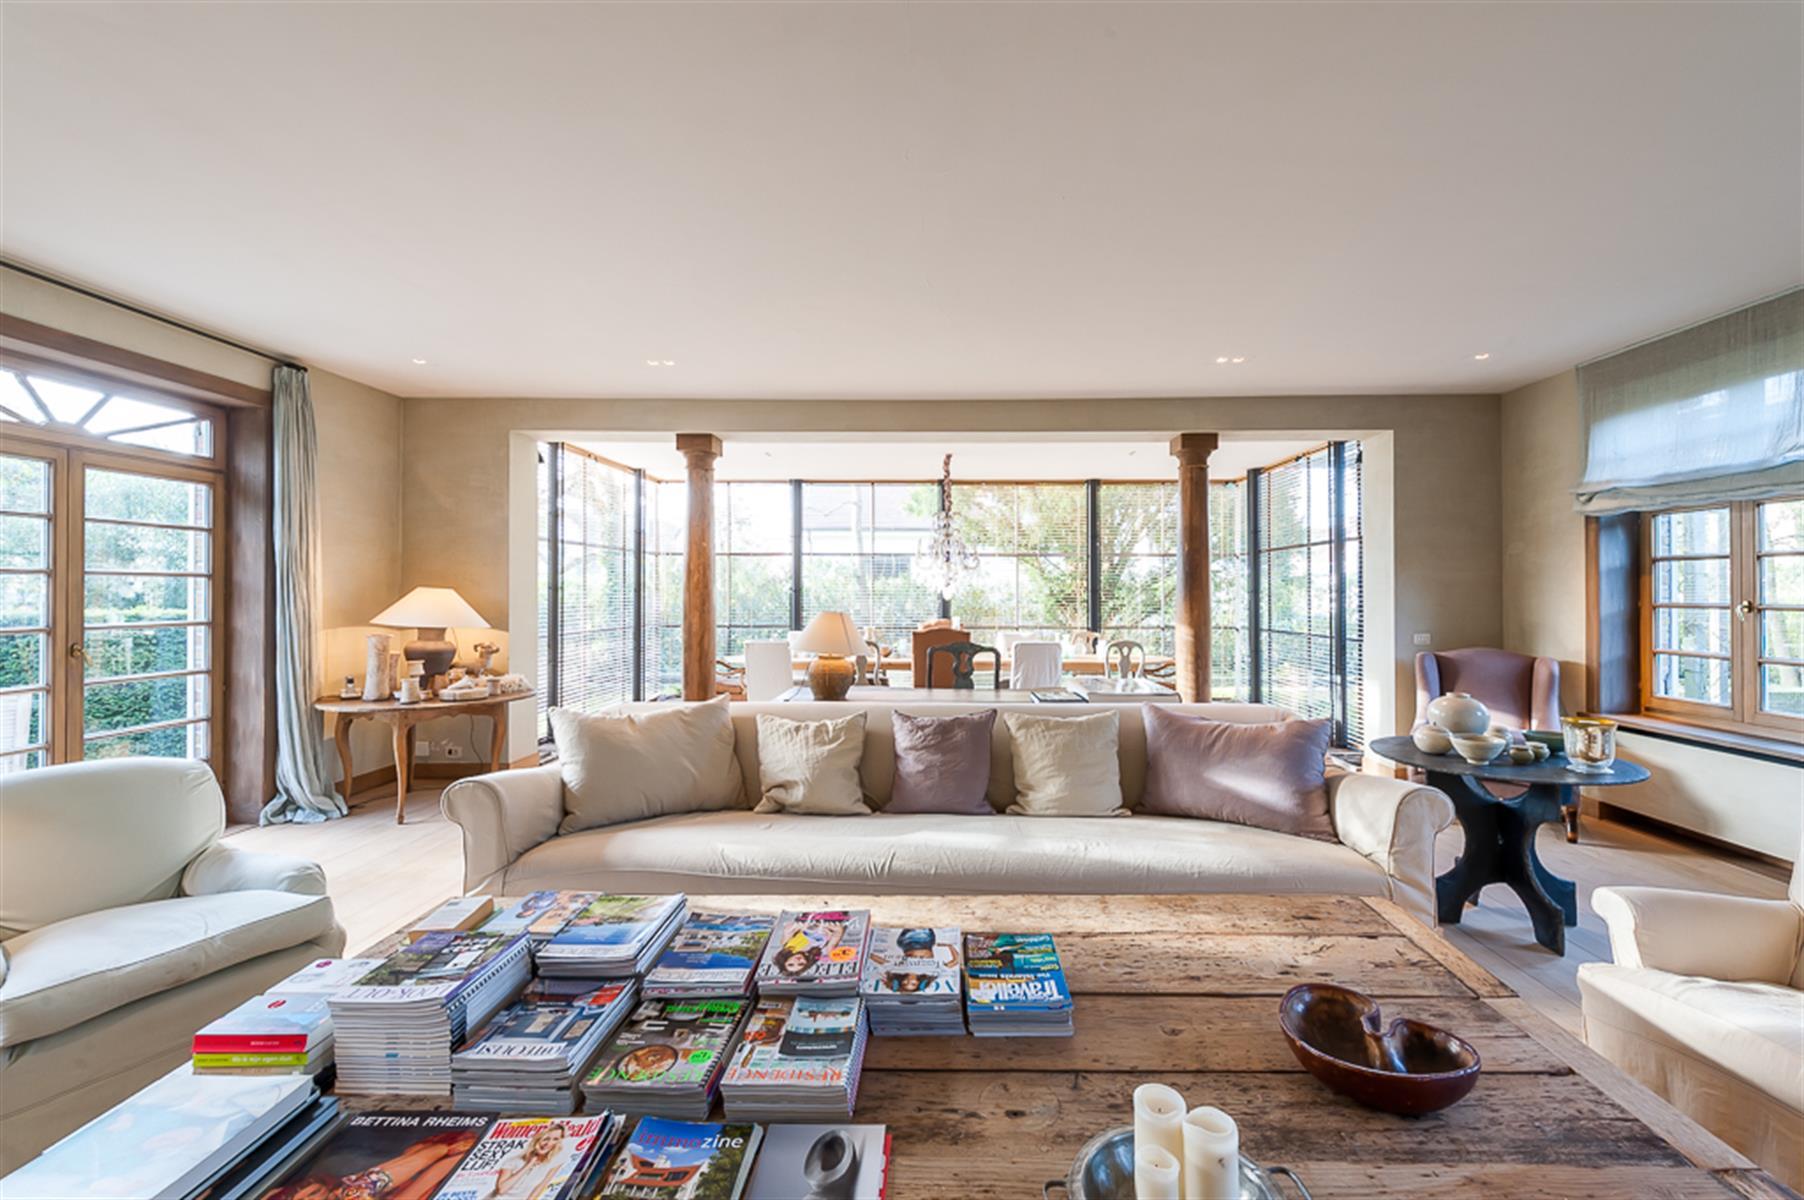 панорамное остекление гостиная диван журнальный столик колонны